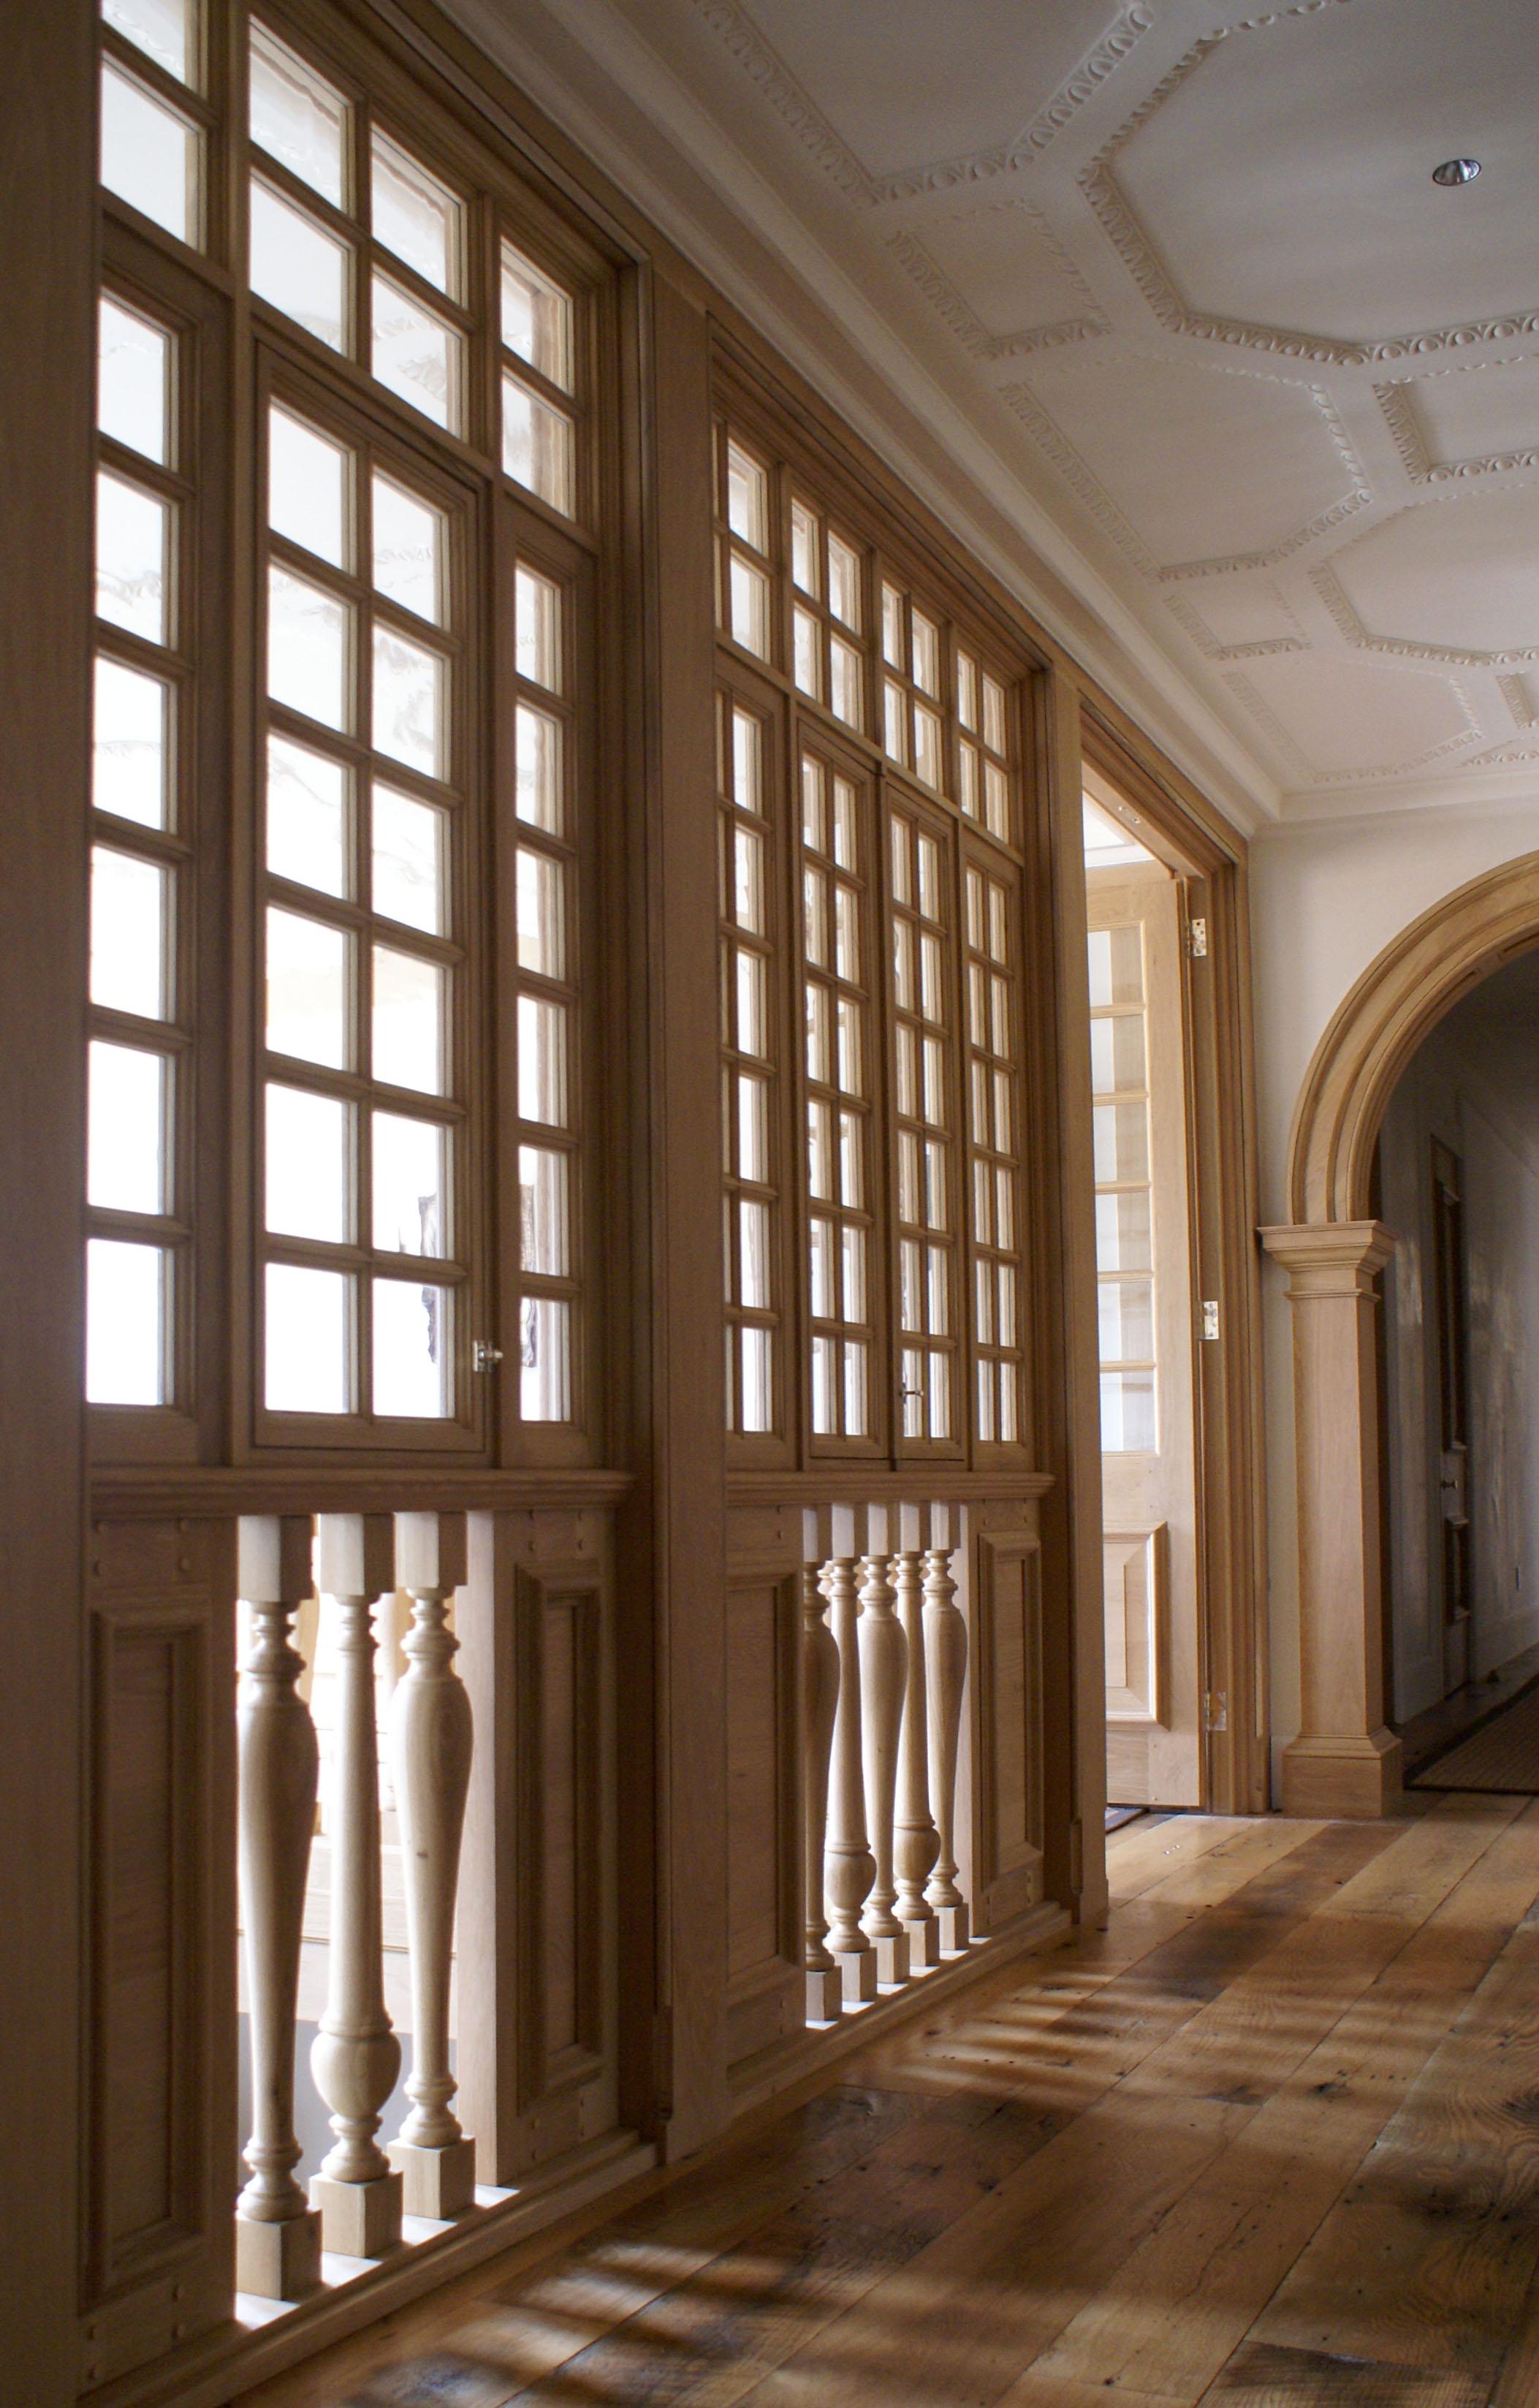 ravenwood hall.jpg